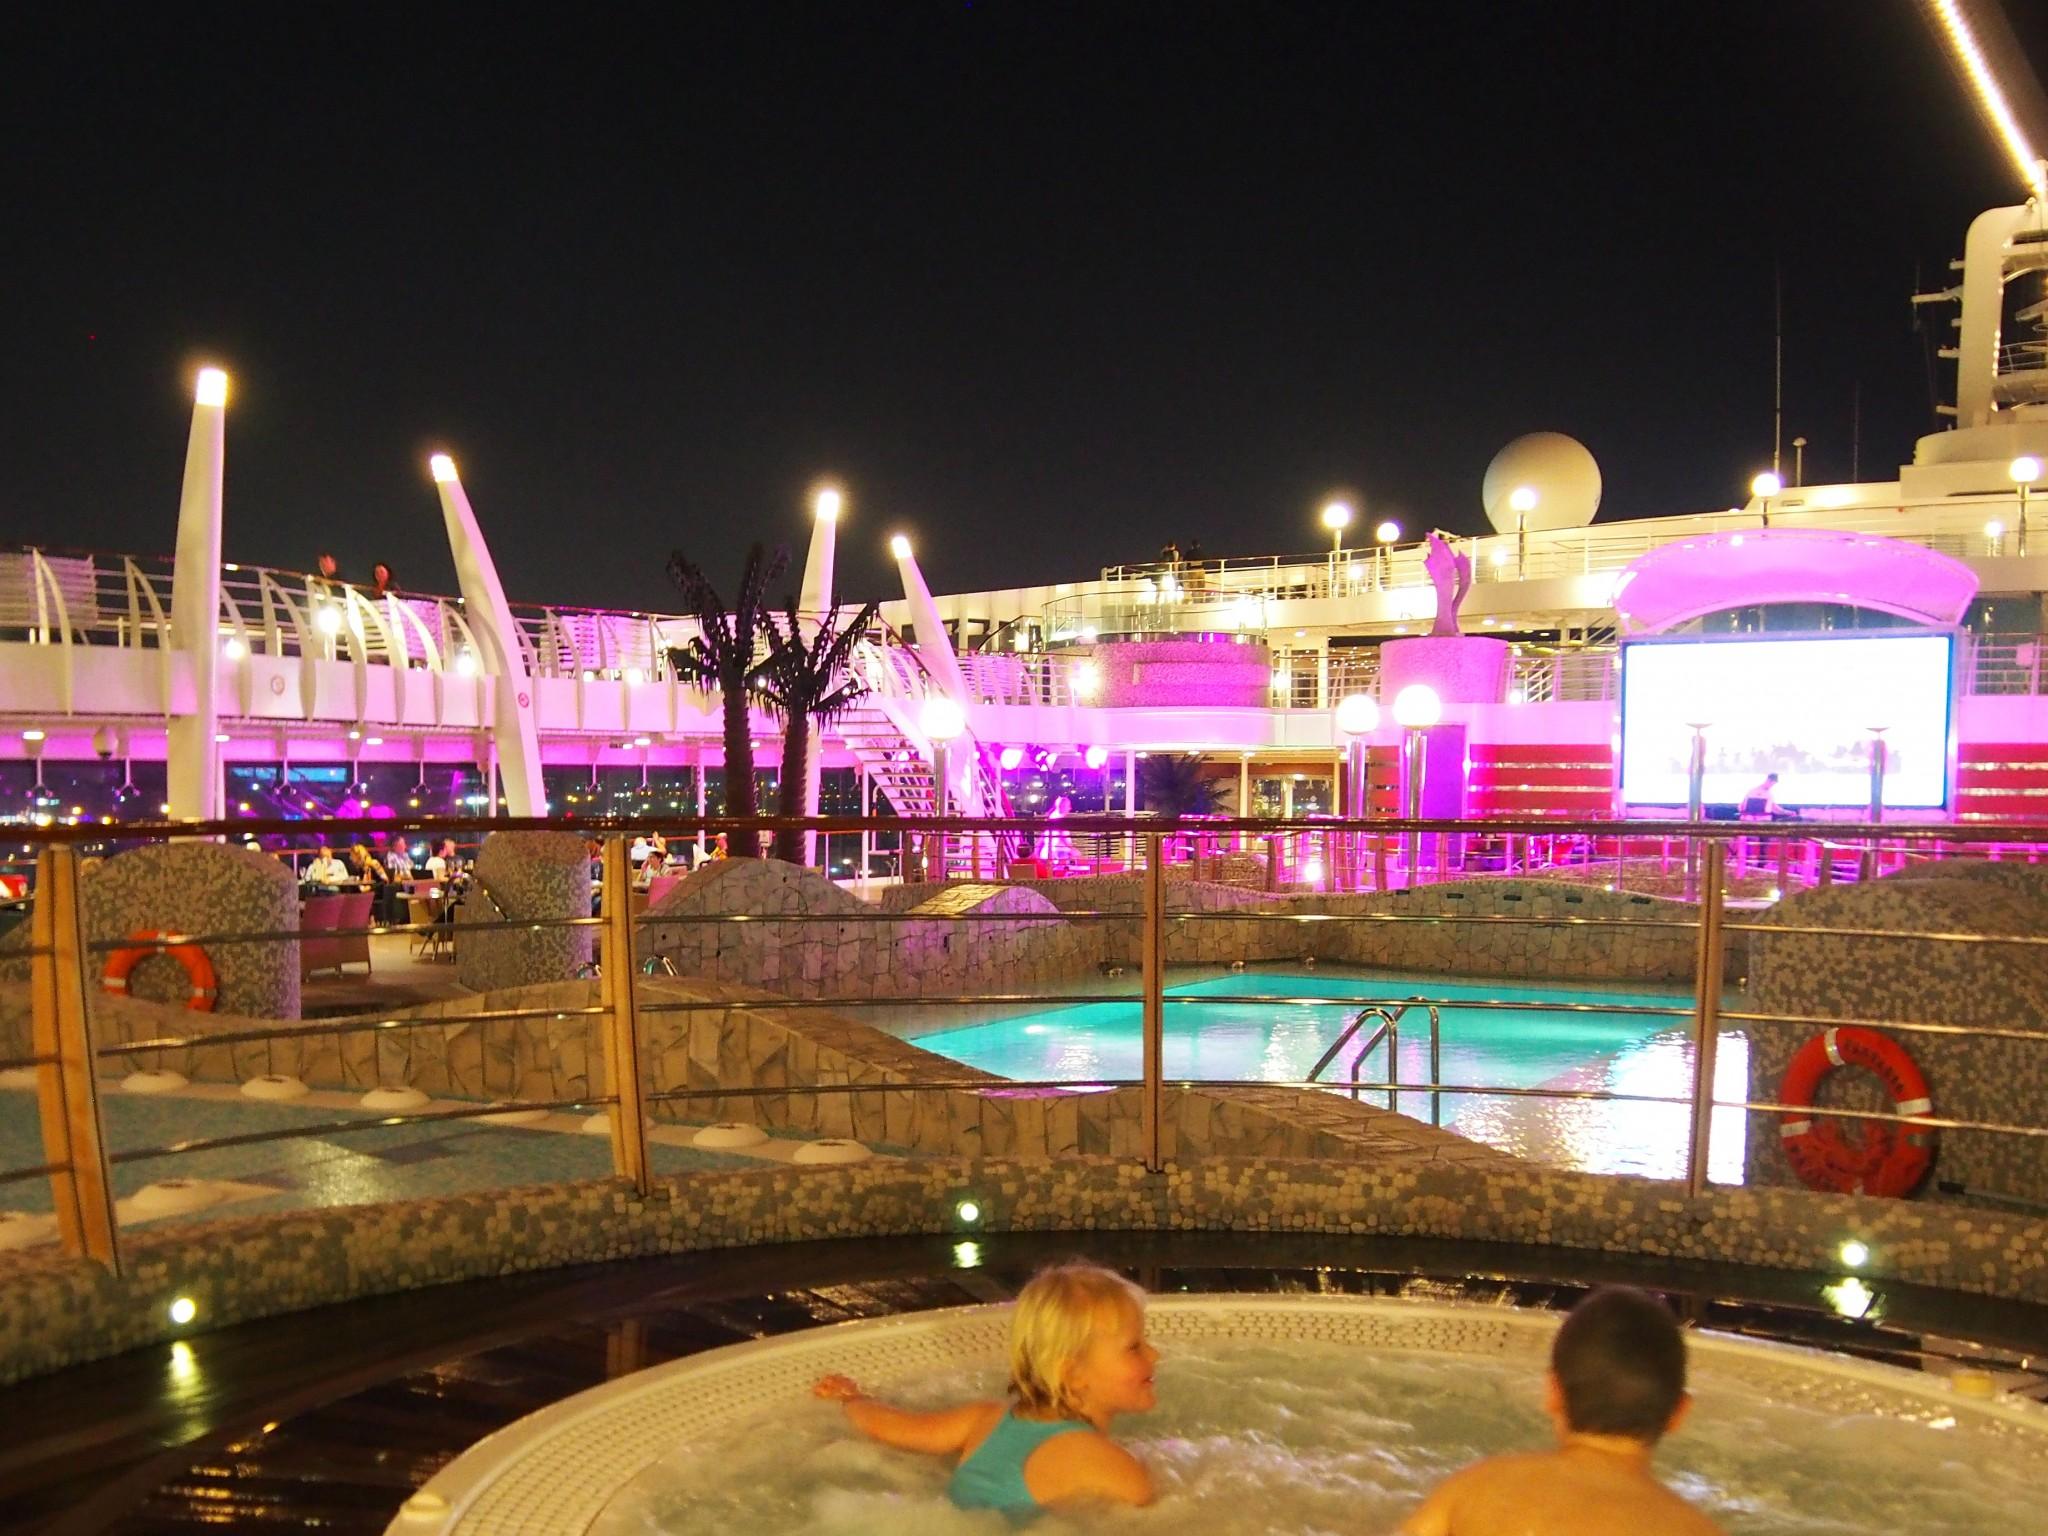 MSC Fantasia pool area at night time Photo © Elämää ja Matkoja